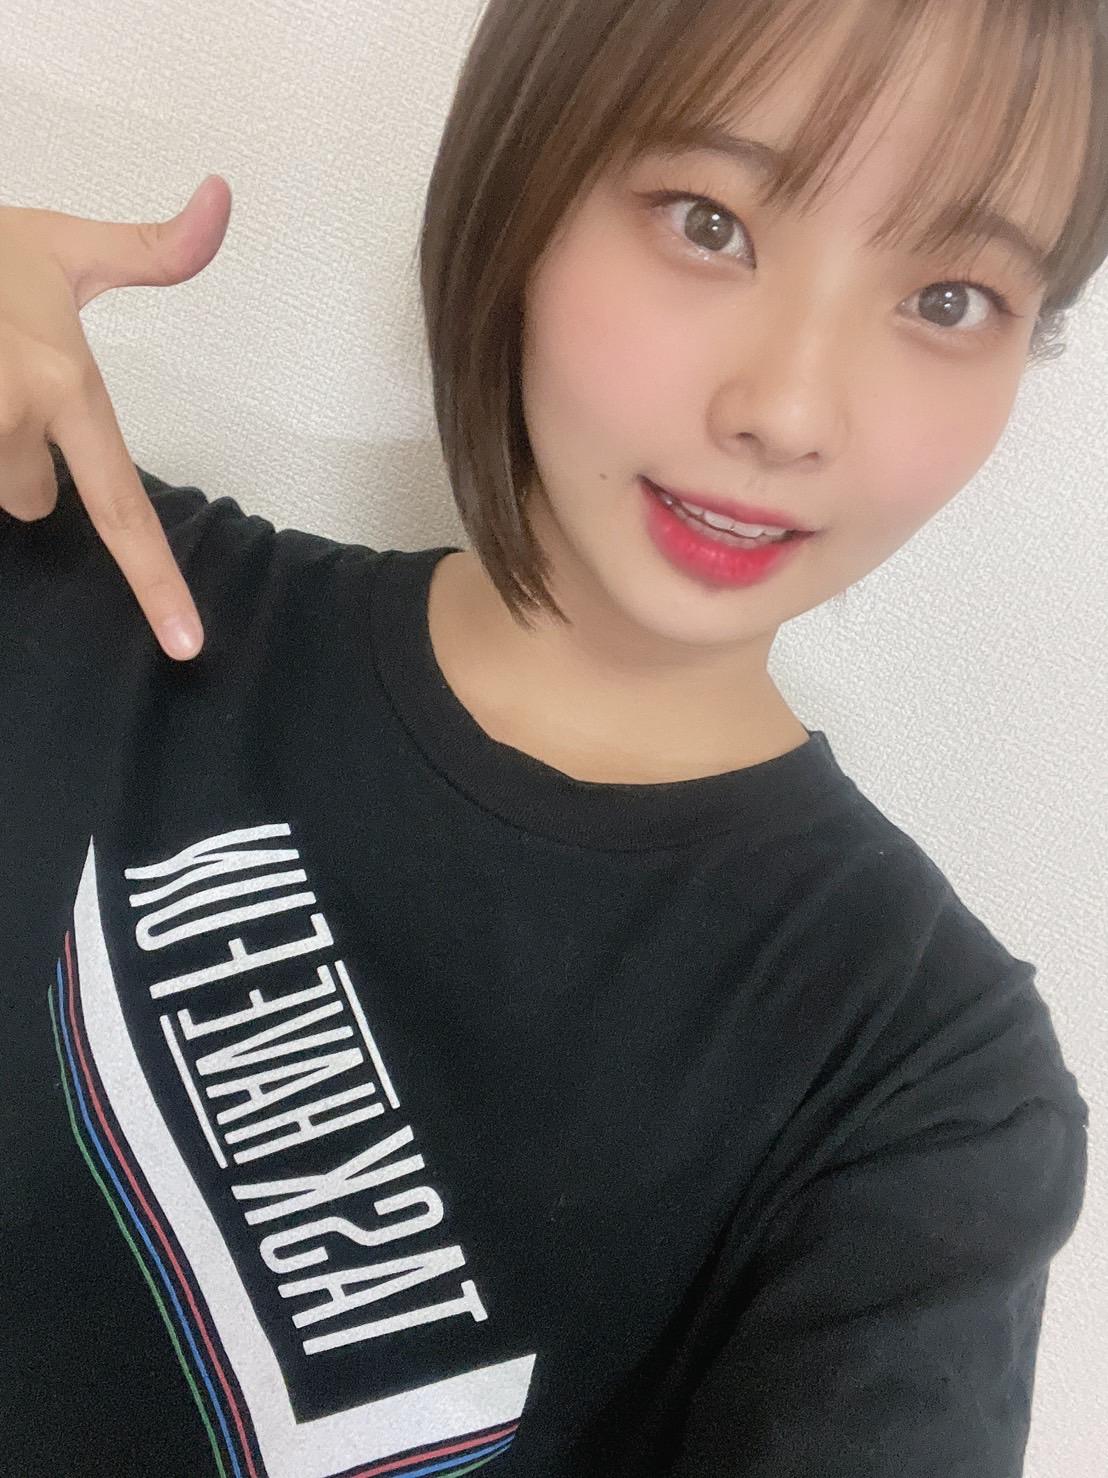 はせいあい(青山学院大学1年)ACTRESS PRESS REPORTER